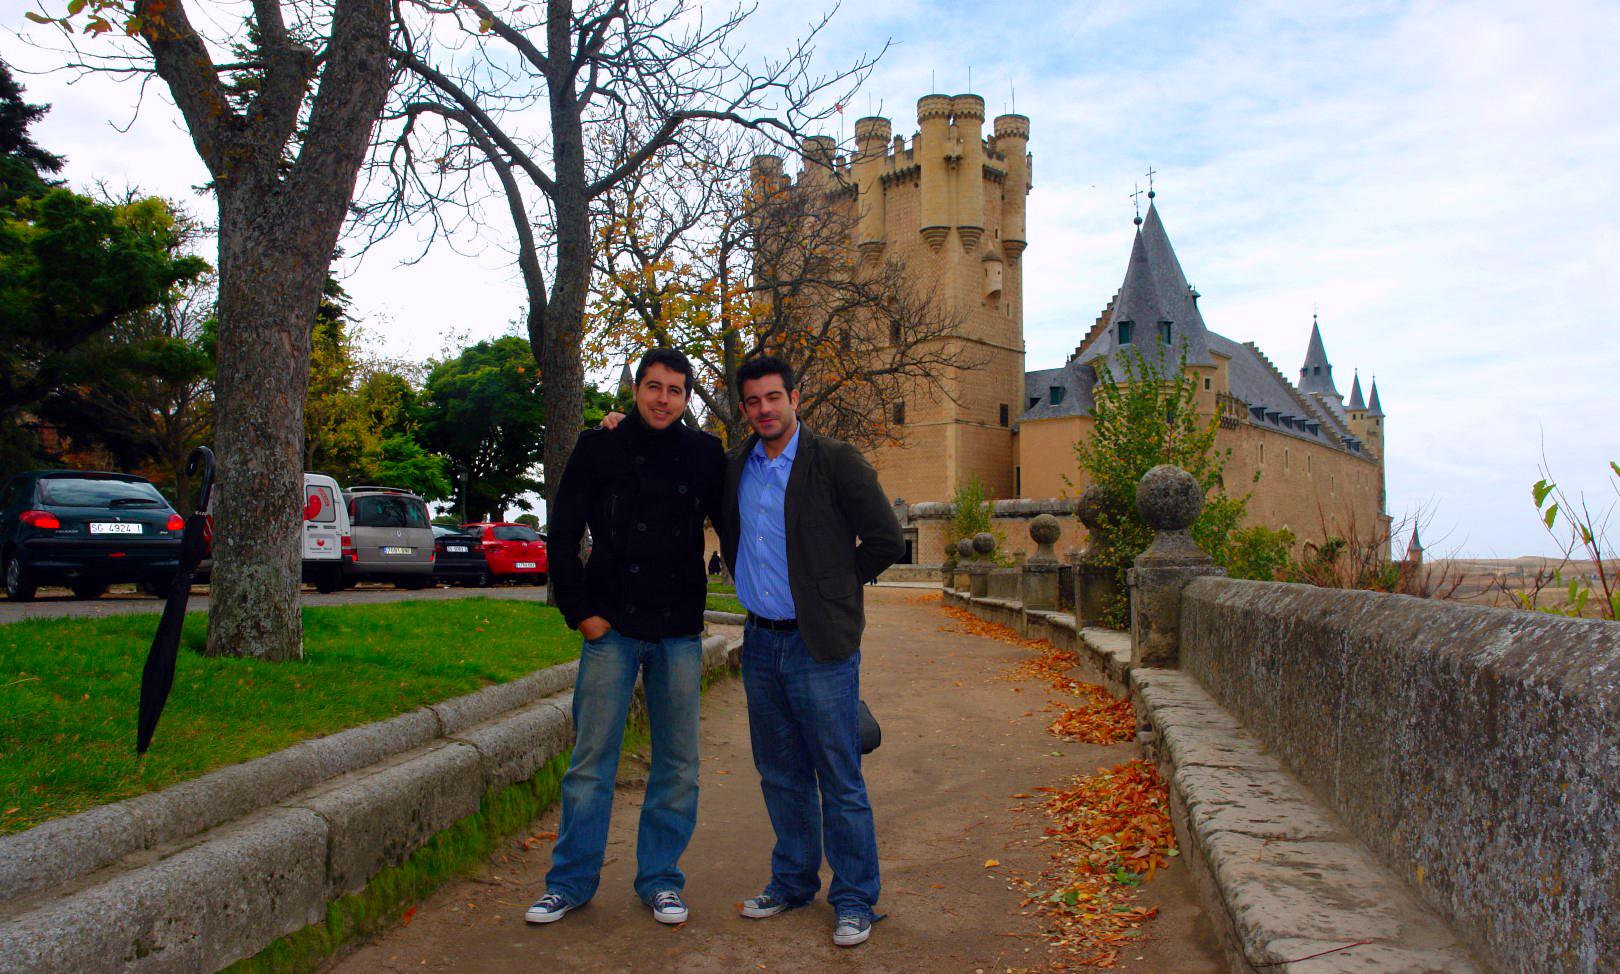 Qué ver Segovia, España qué ver en segovia - 31097735065 15d0c9ef6e o - Qué ver en Segovia, España